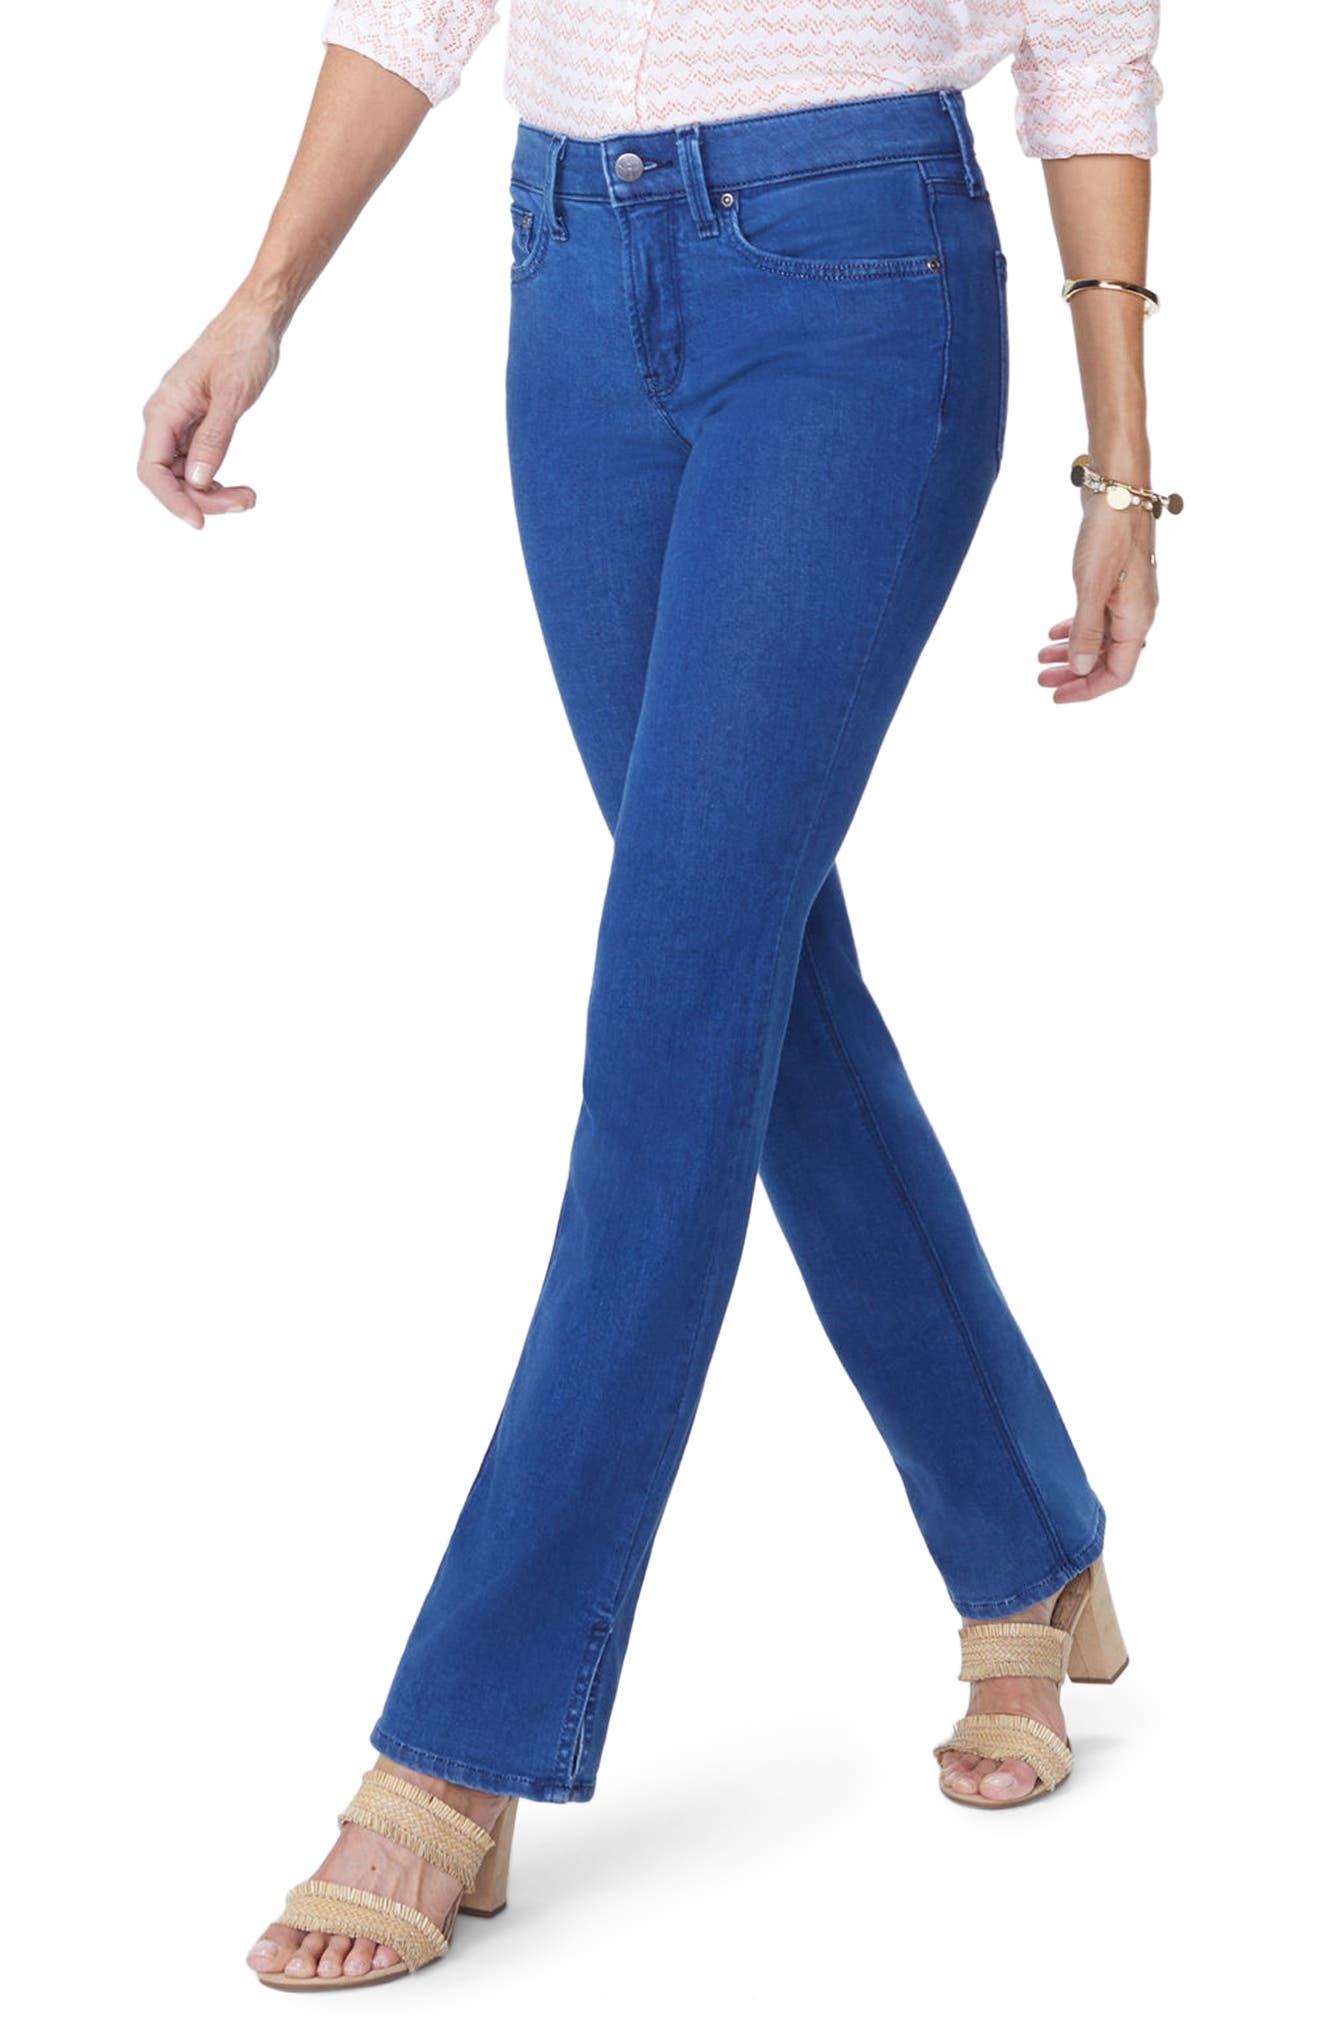 Billie Side Slit Mini Bootcut Jeans,                             Main thumbnail 1, color,                             Spectre